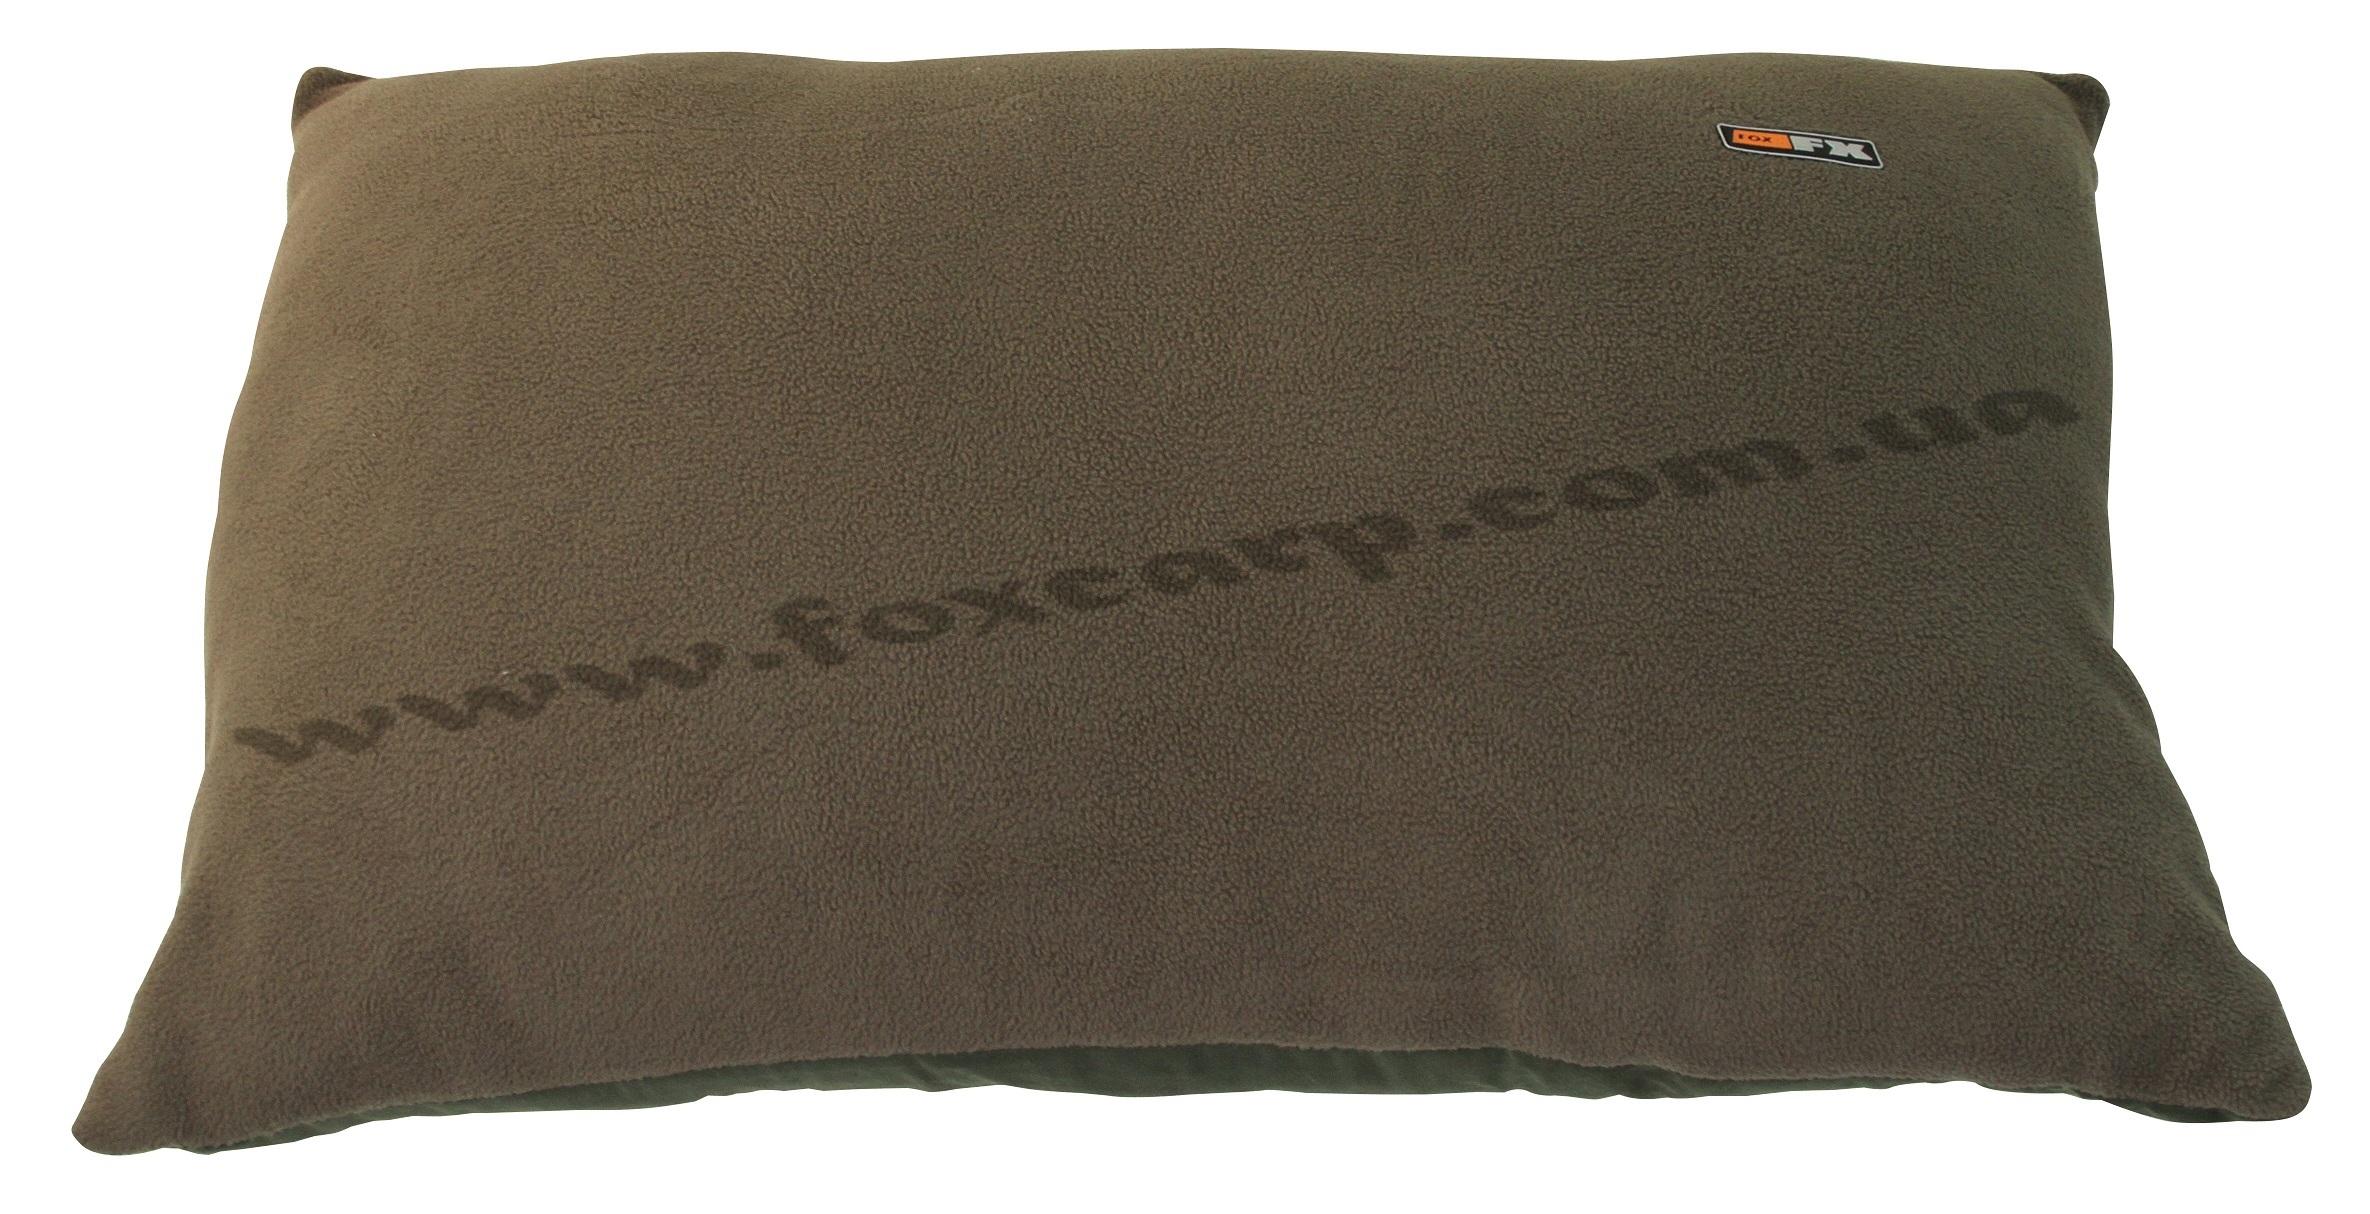 Fox подушка FX Deluxe Pillow